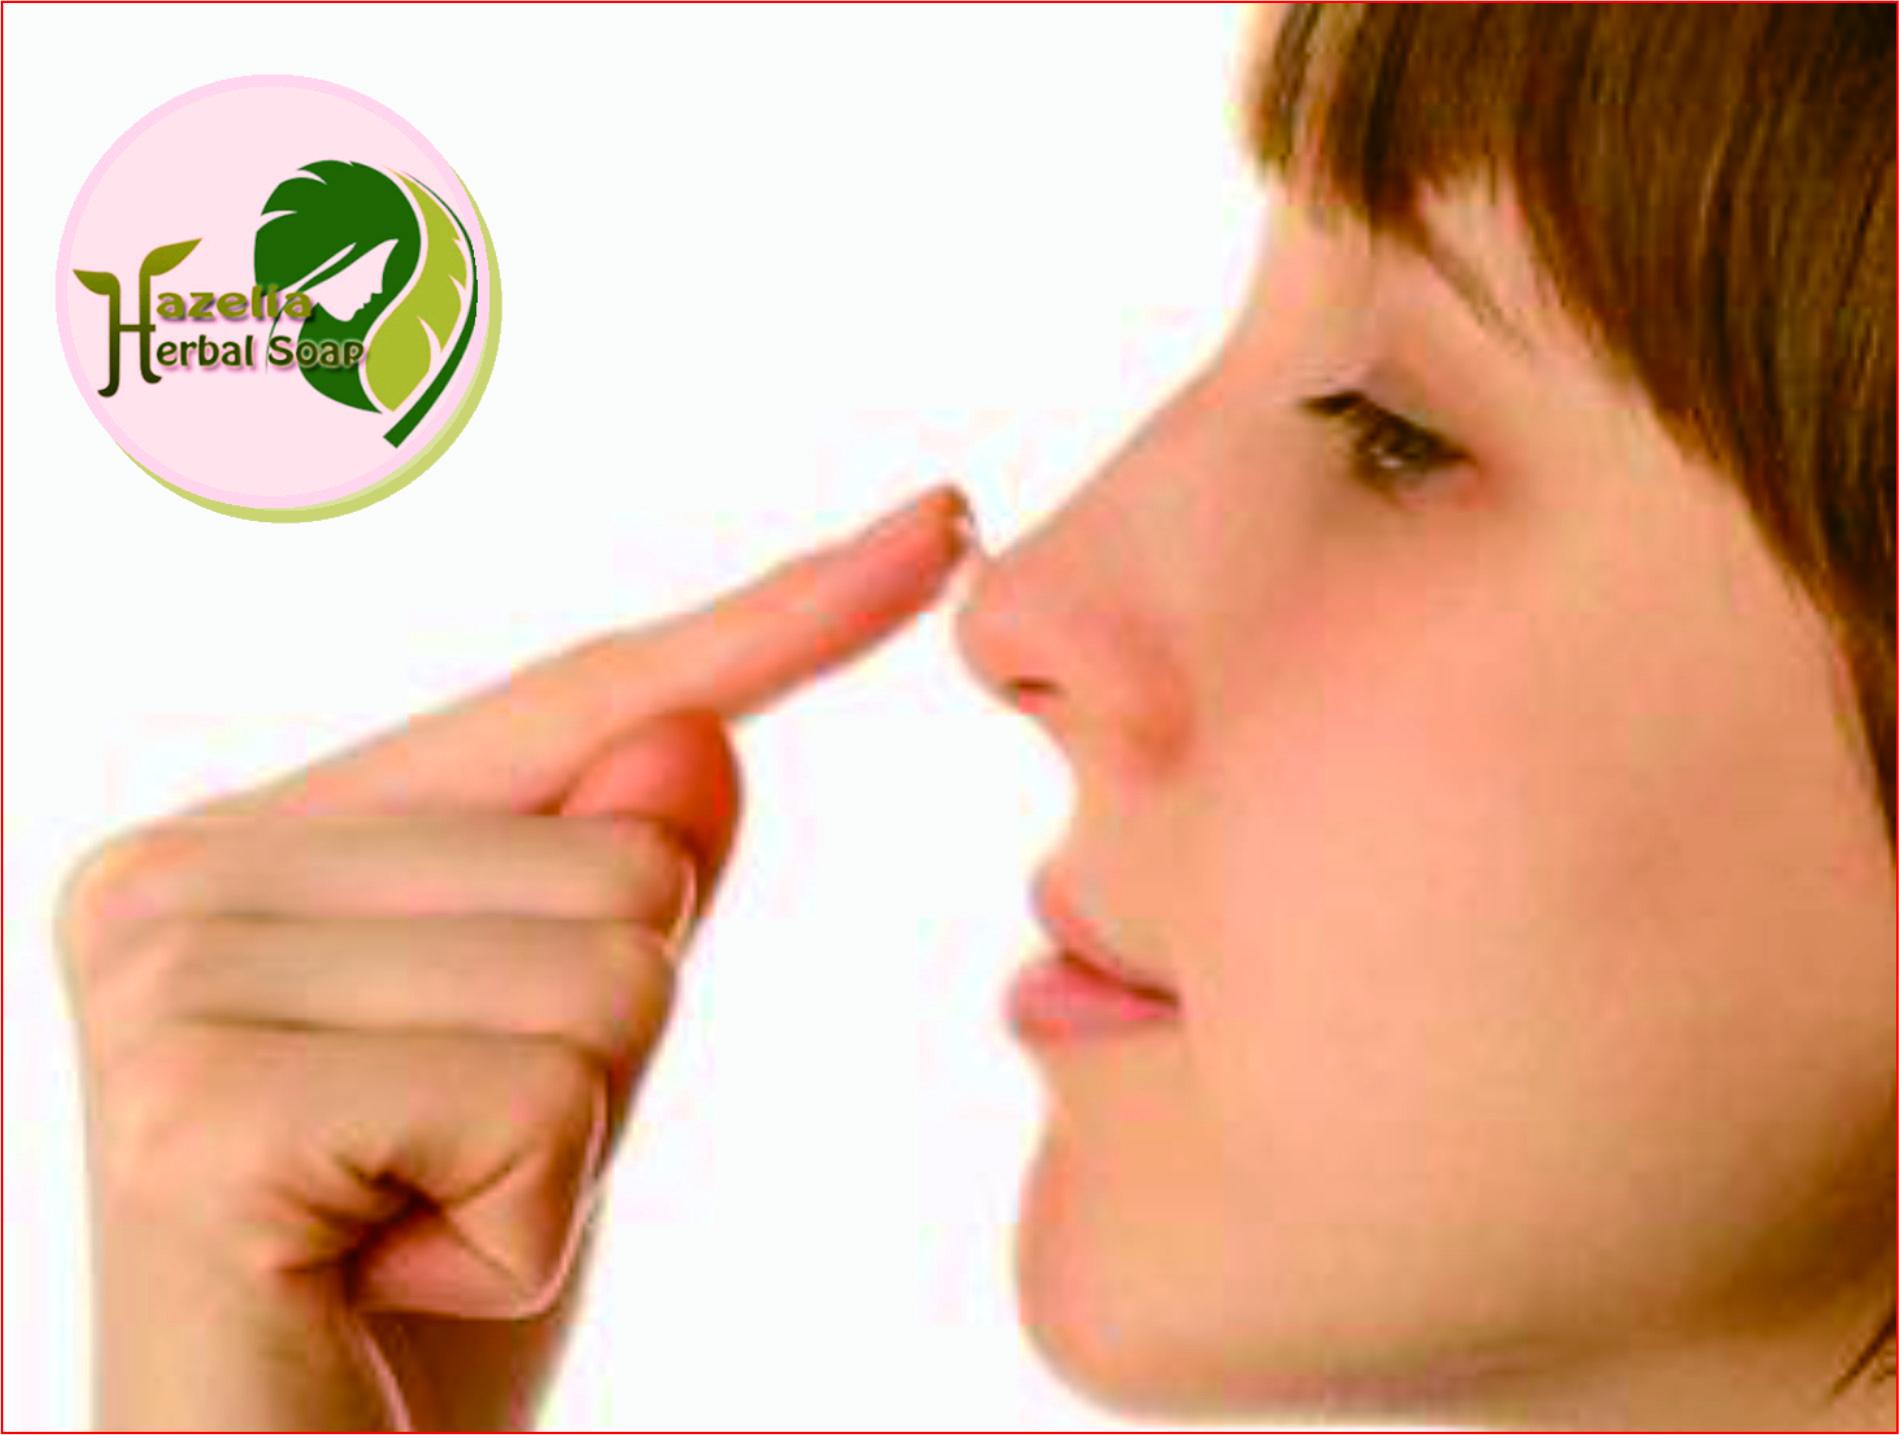 Cara Menghilangkan Komedo Secara Alami Sabun Herbal Sabun Herbal Hazelia Sabun Herbal Solo Distributor Sabun Herbal